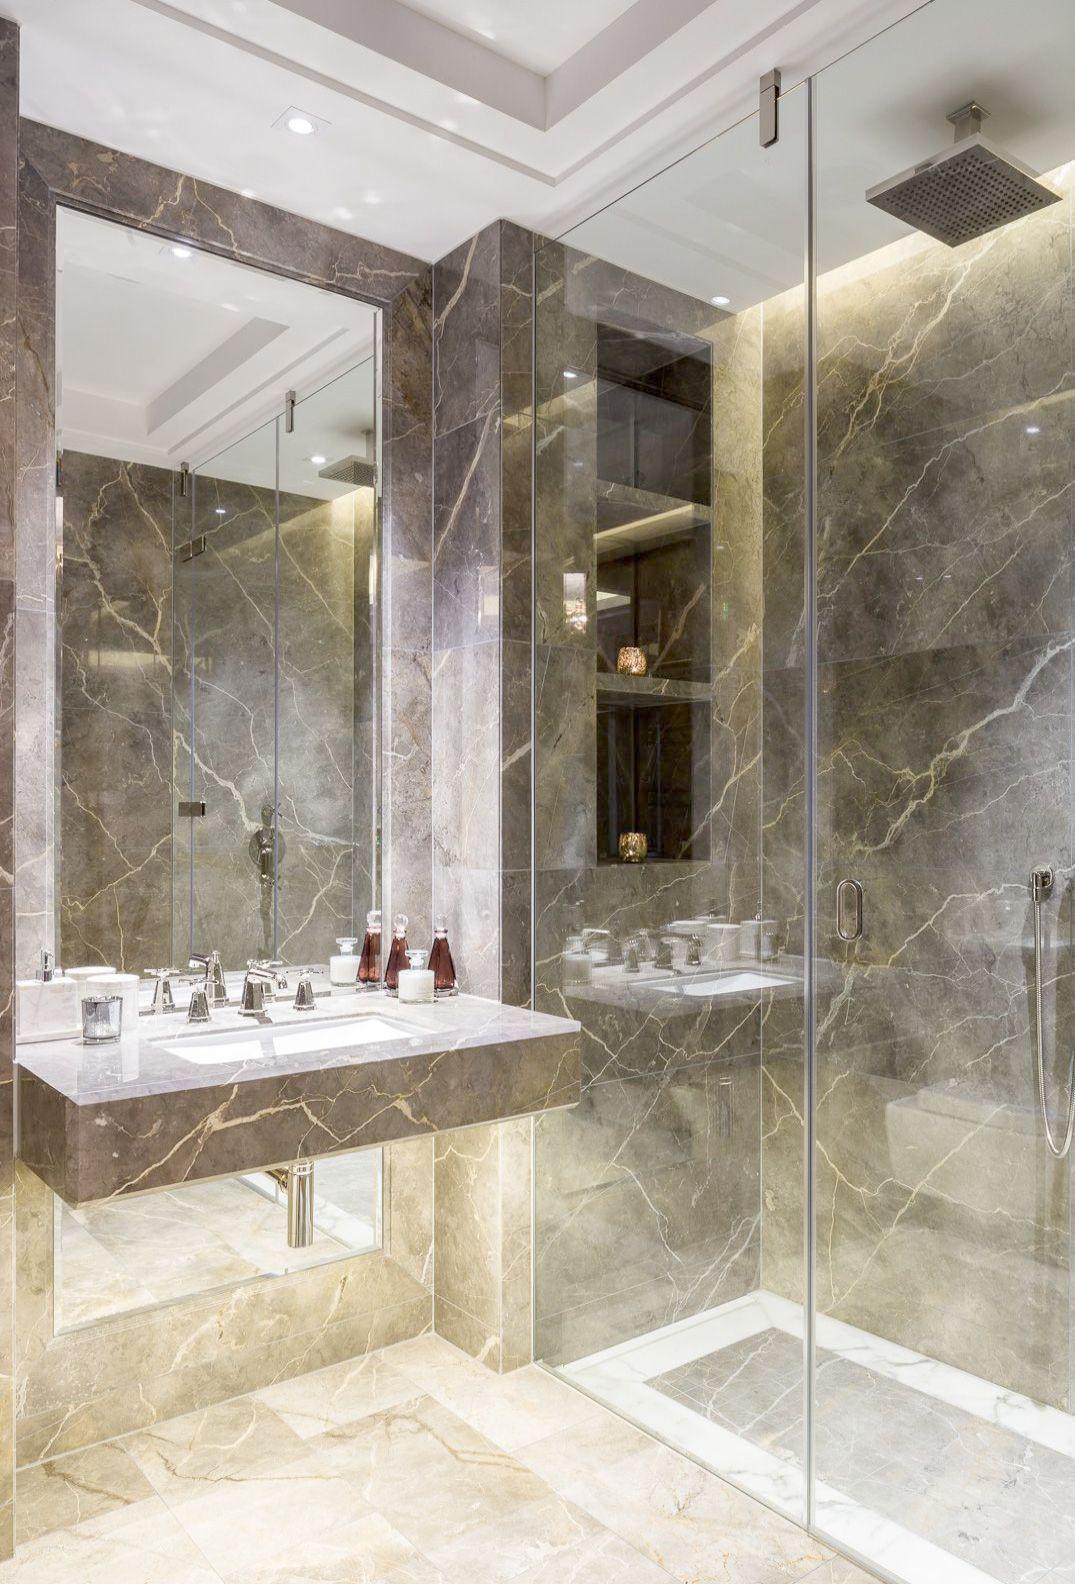 Luxury Bathrooms Features Elegant Bathroom Decor Pinterest Luxury Bathroom Modern Bathroom Bathroom Interior Design